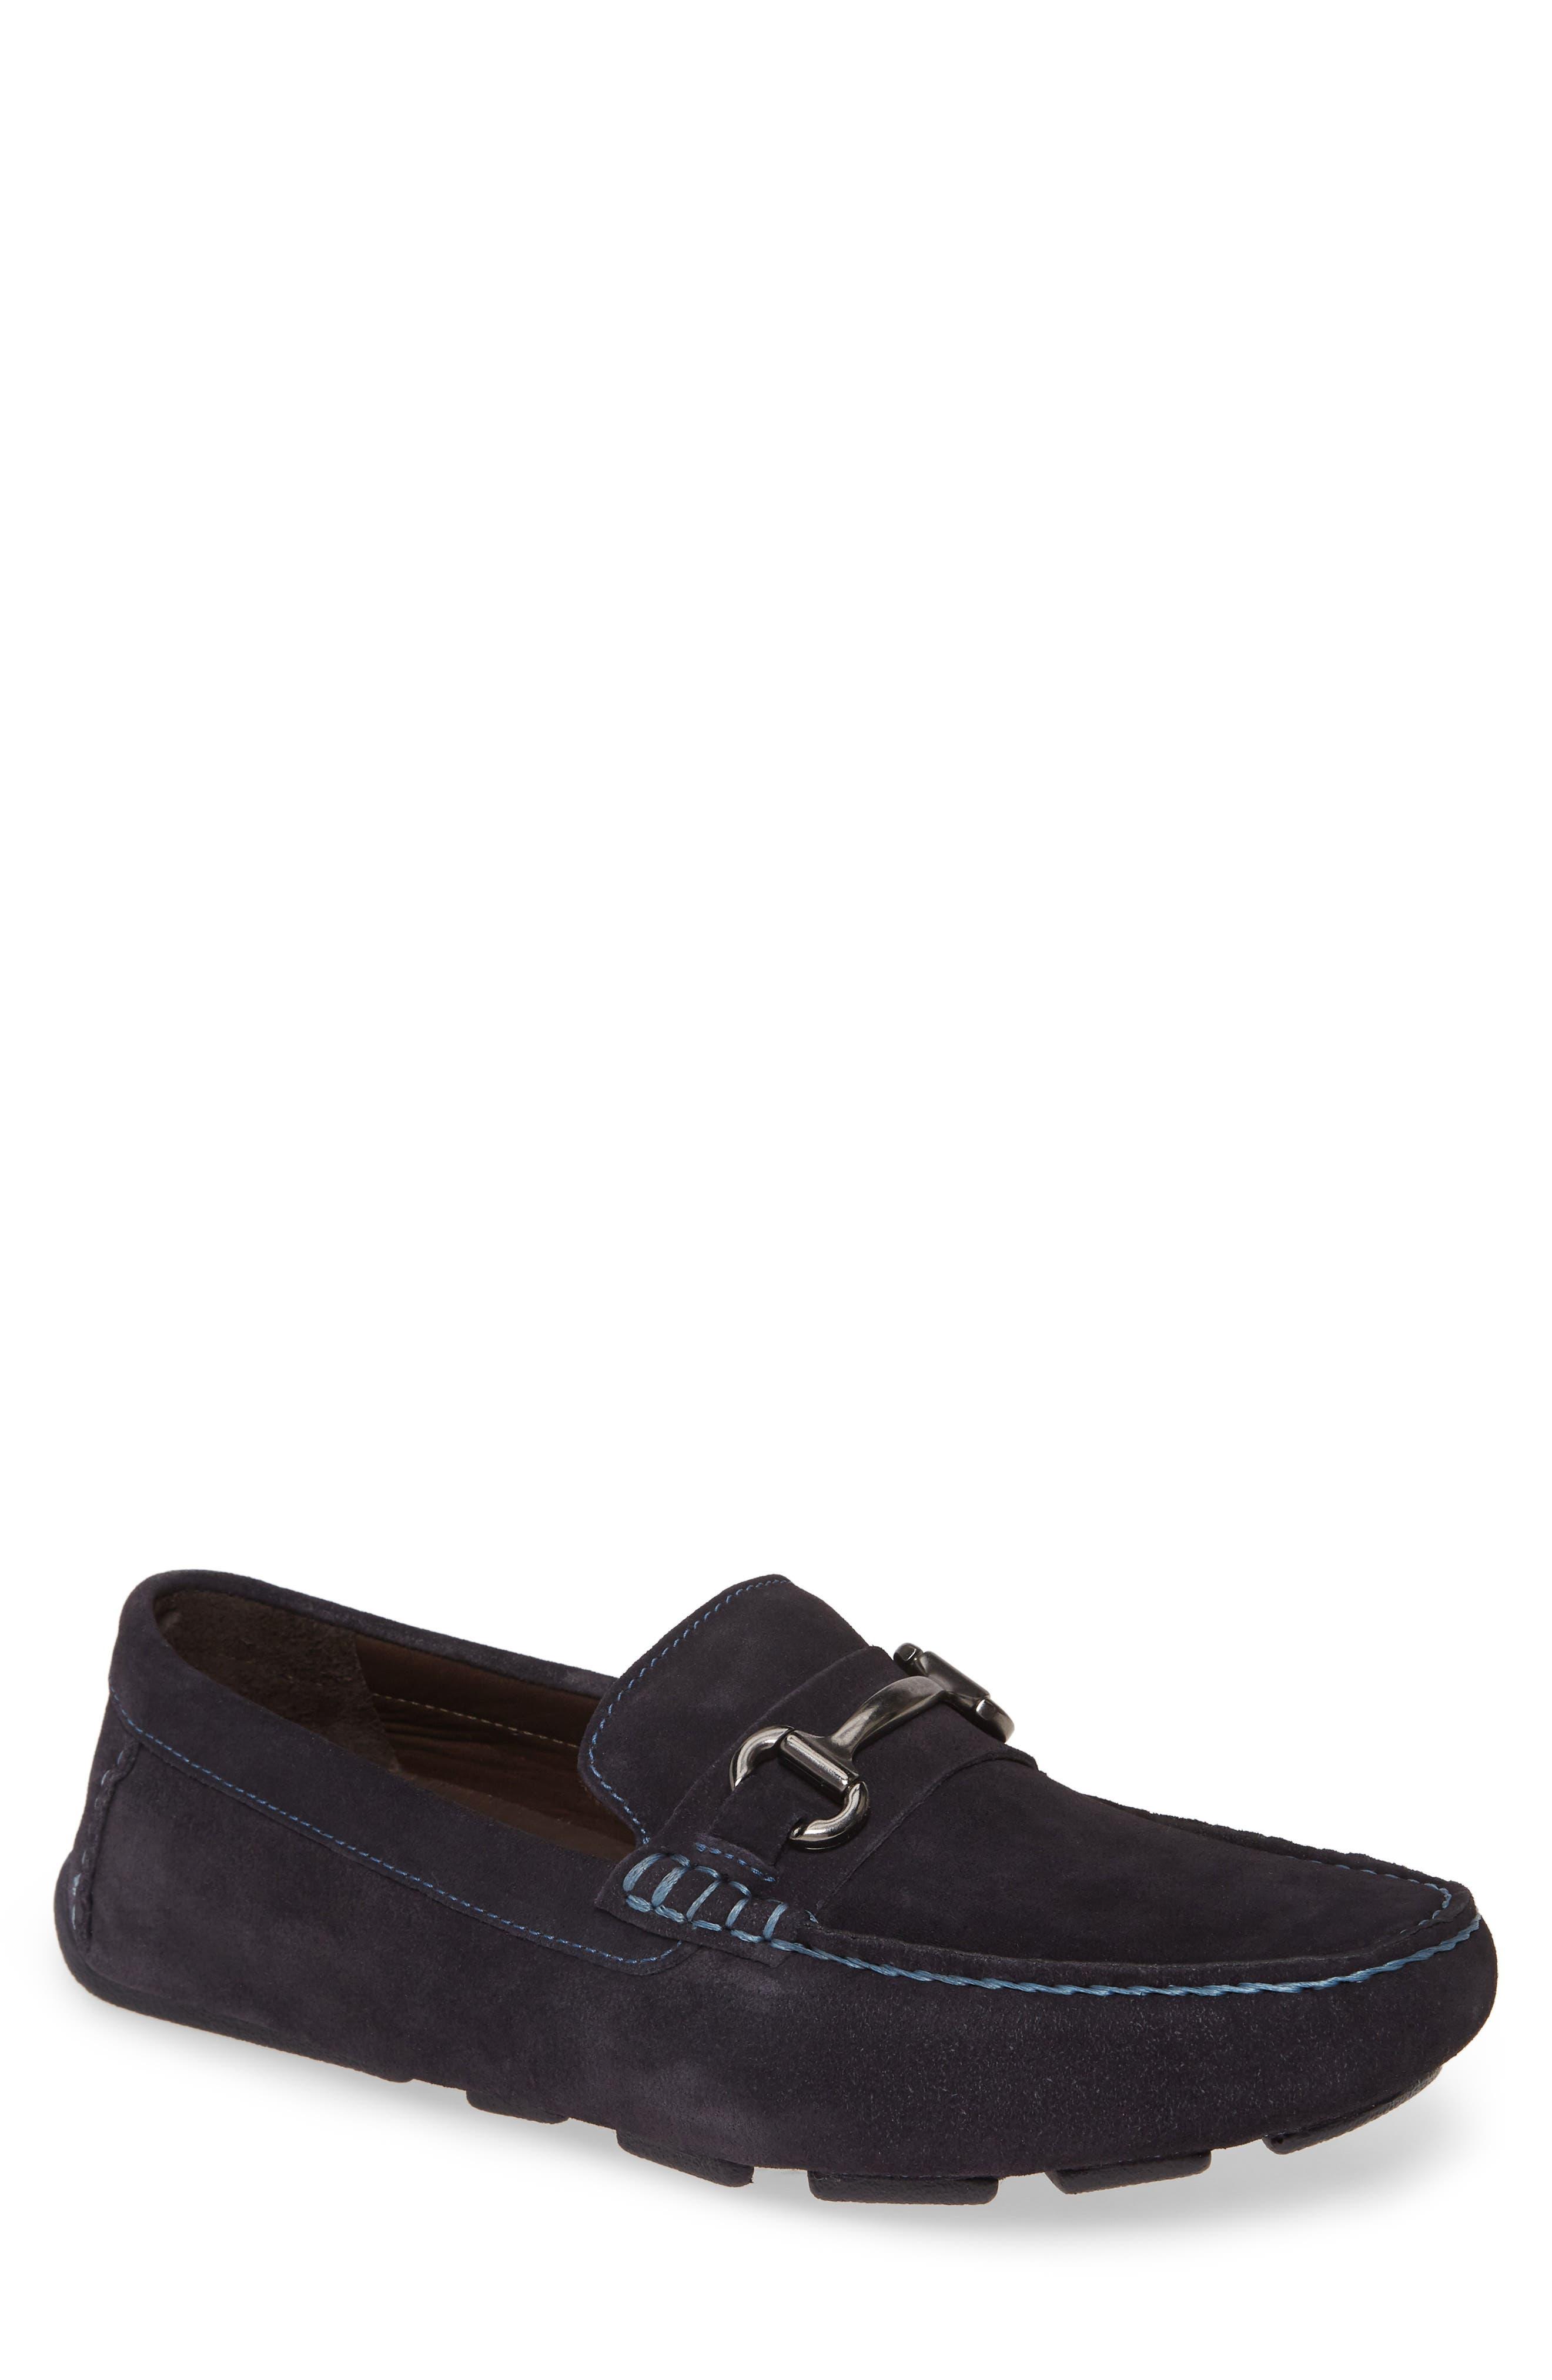 6b29c50efcf Men's 1901 Shoes | Nordstrom